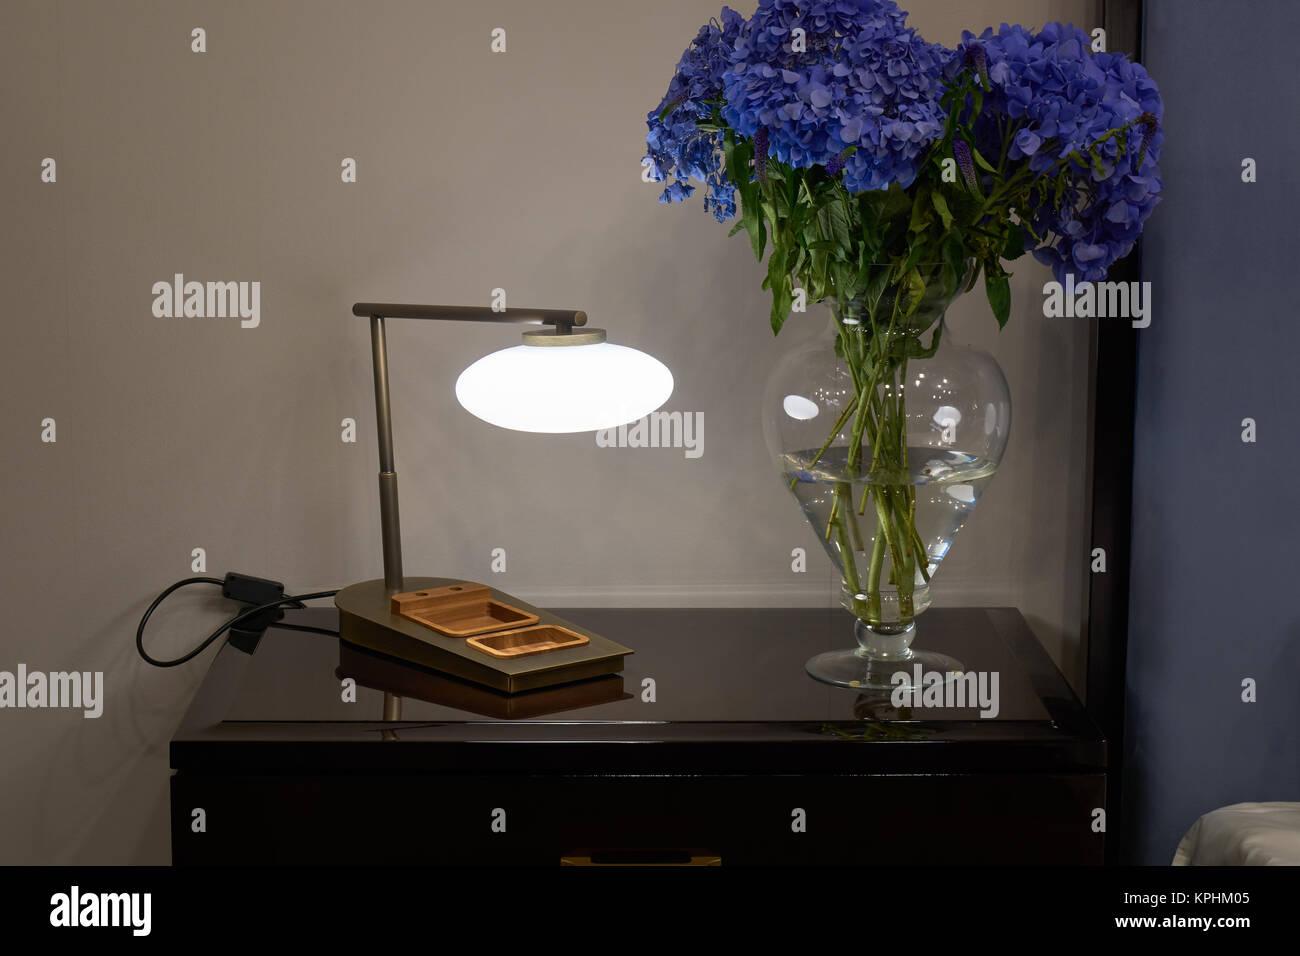 Lampada, comodino e un mazzetto di ortensie blu fiori in camera da ...